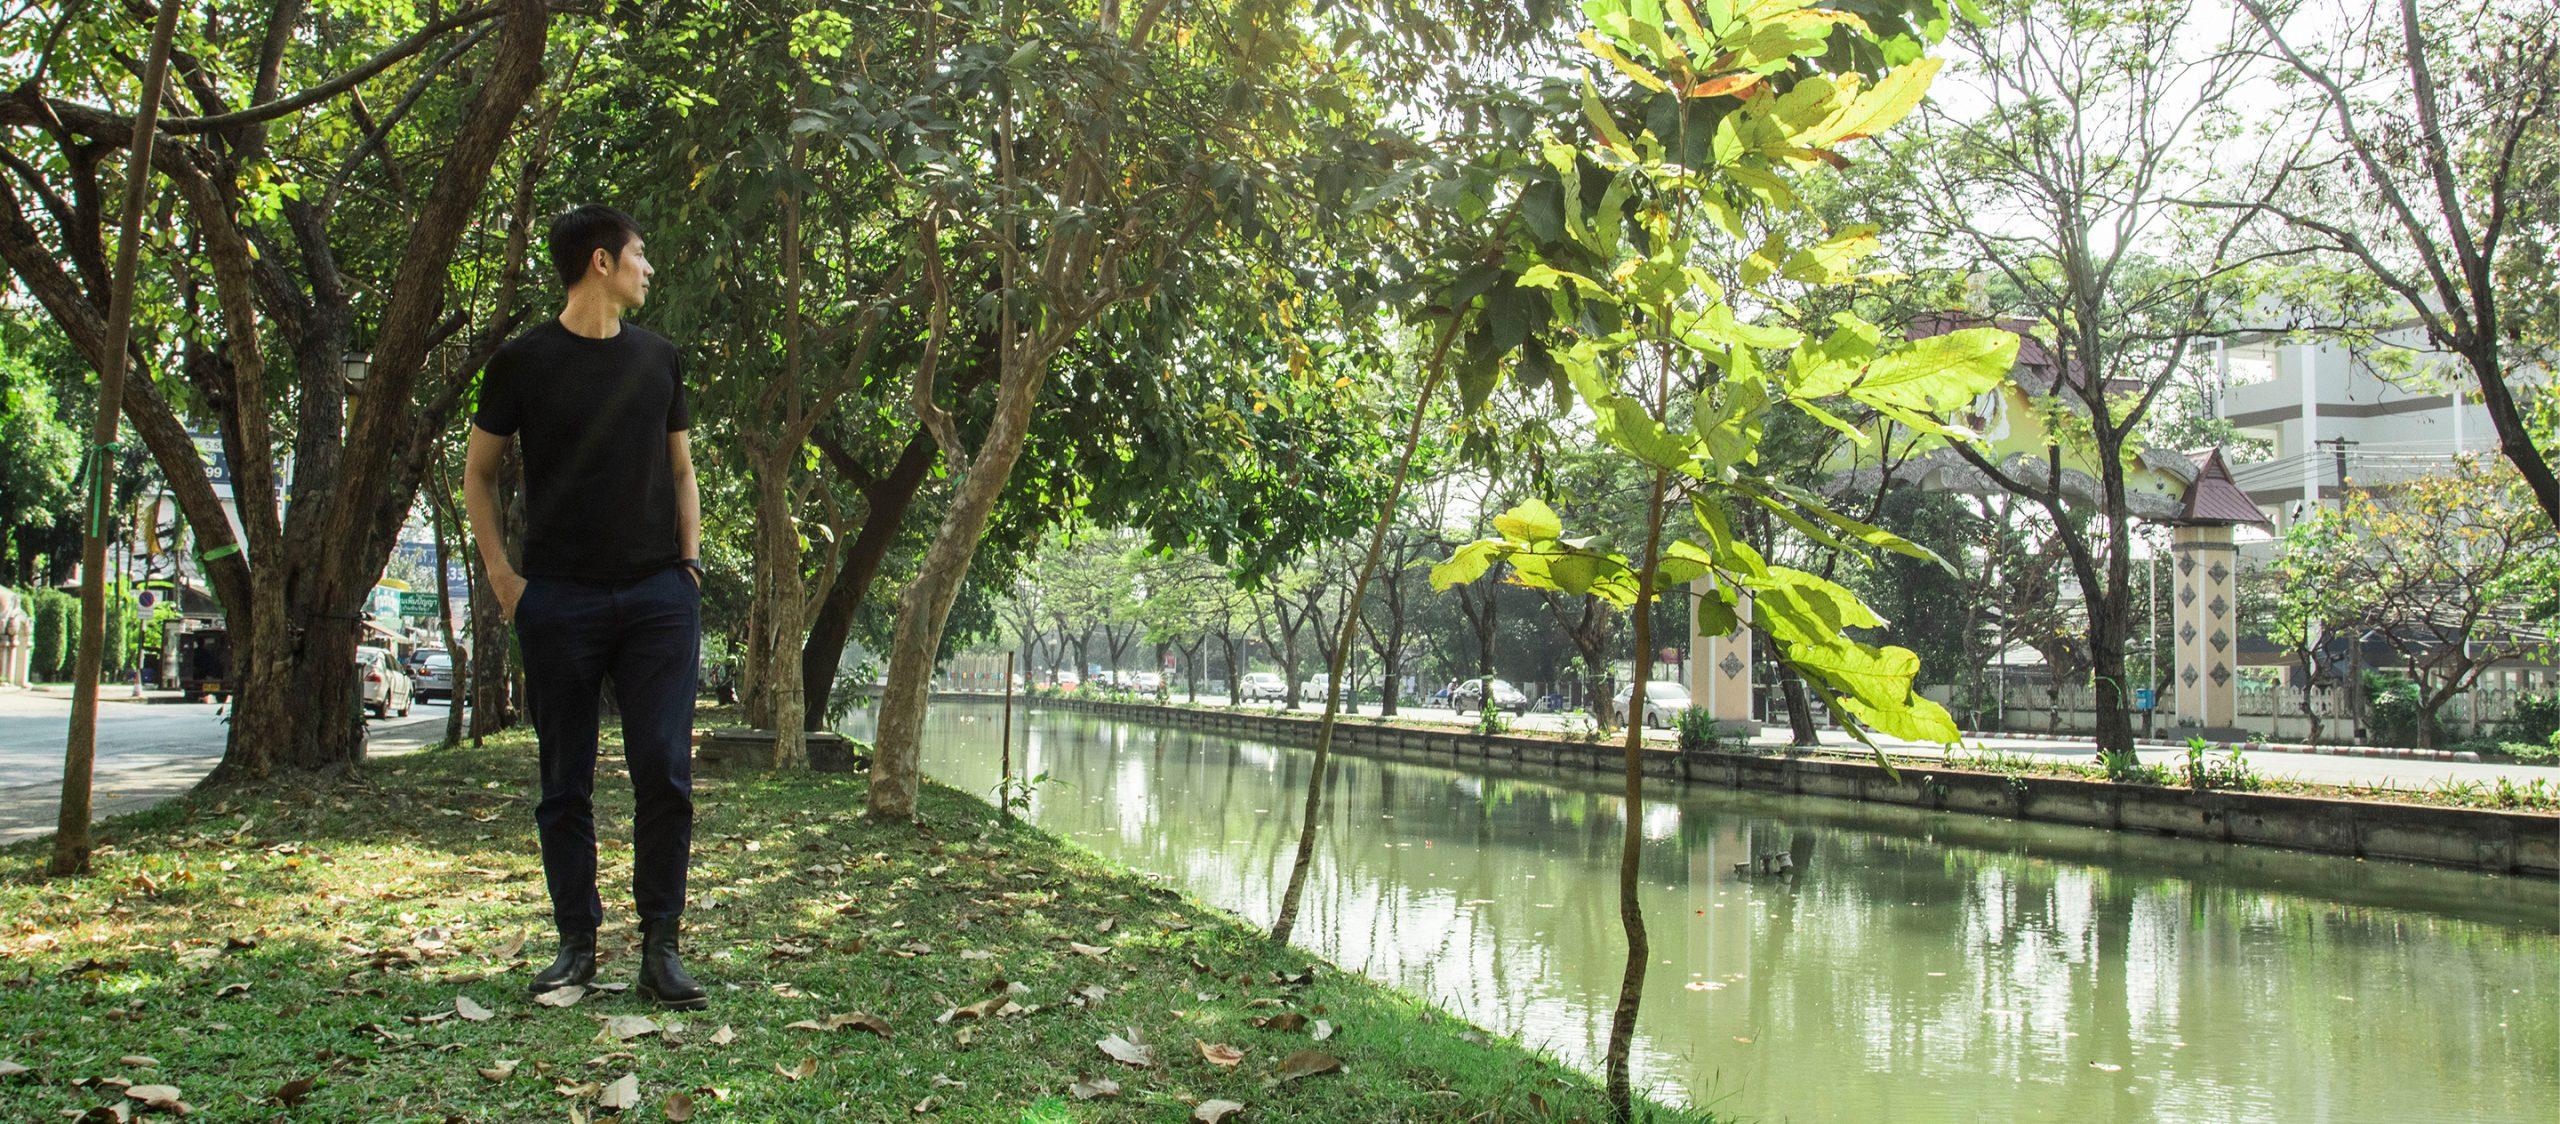 ปอ ภราดล และ 'มือเย็นเมืองเย็น' โปรเจกต์ปลูกต้นไม้ที่อยากเห็นเชียงใหม่เย็นขึ้นเร็วๆ